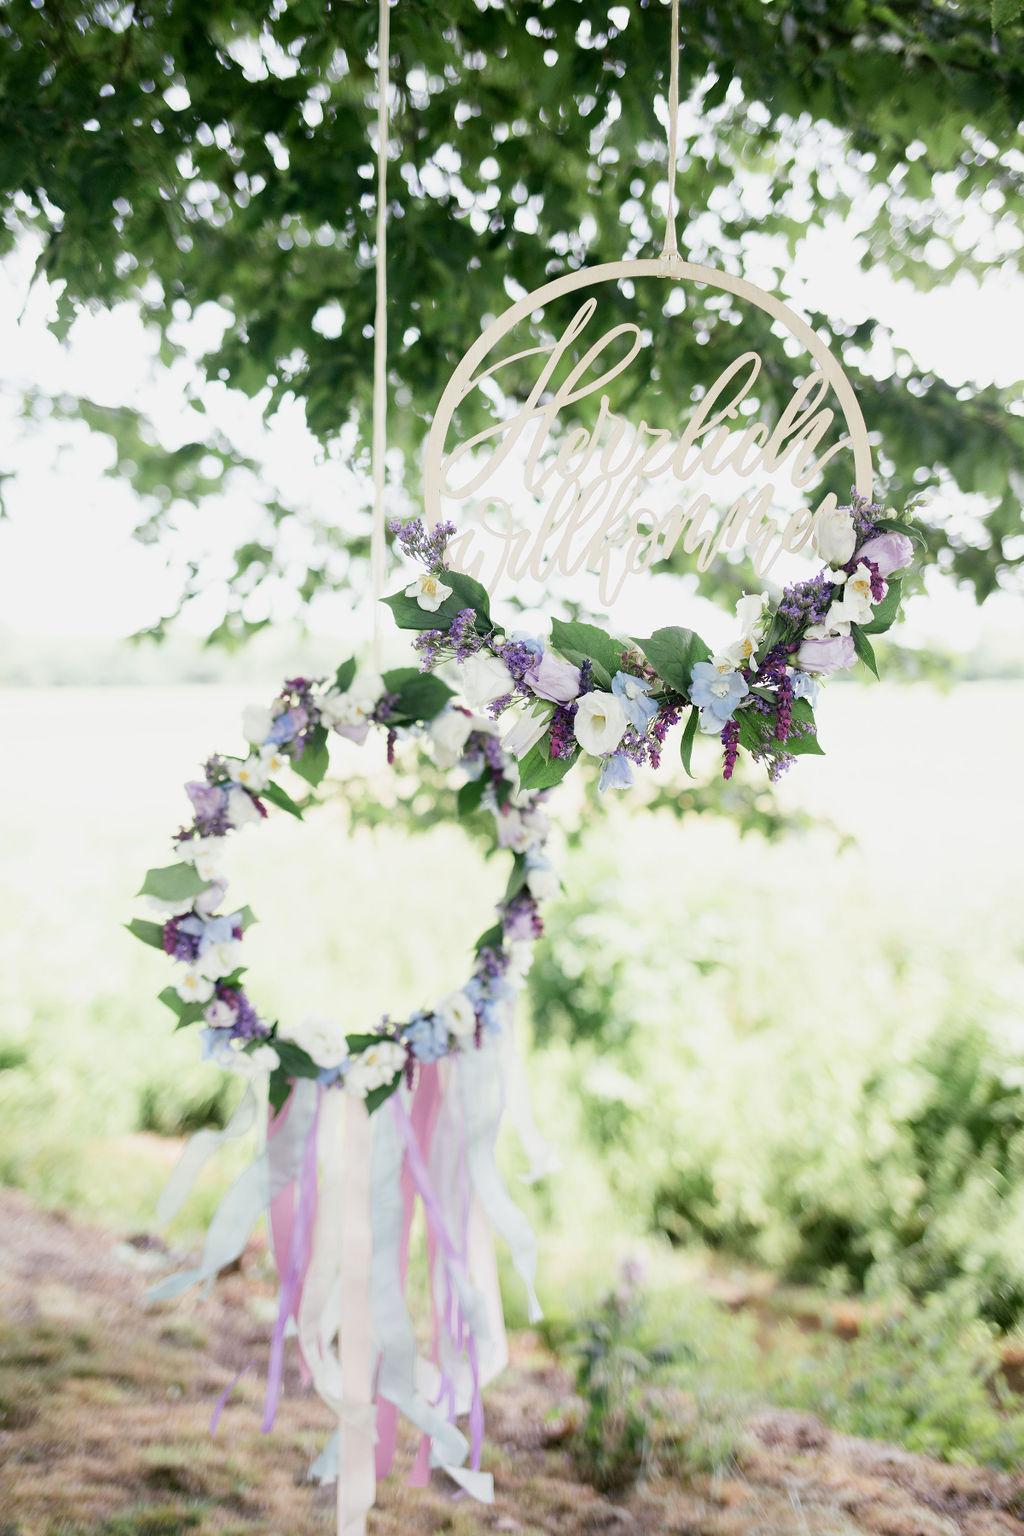 Herzlich Willkommen Holz Schild, Hochzeit Willkommen Schild, Willkommensschild Hochzeit